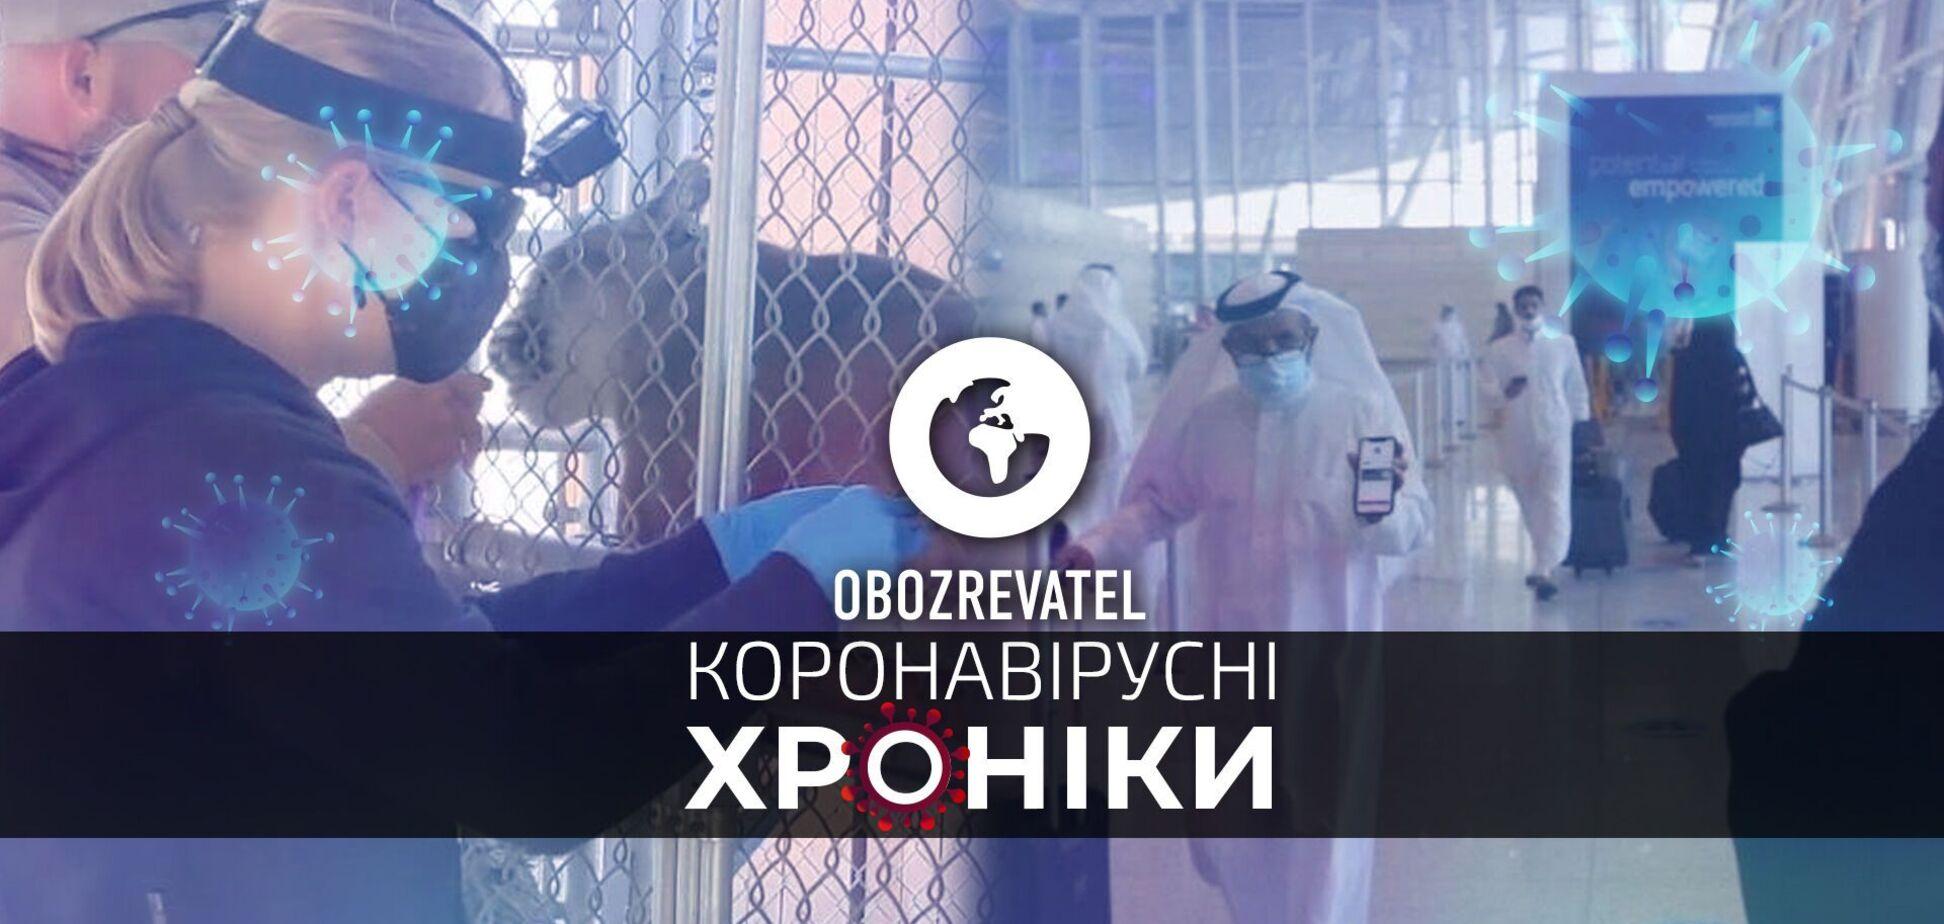 ОАЕ – лідери серед країн із вакцинації, а в Америці почали прищеплювати тварин проти ковіду – коронавірусні хроніки